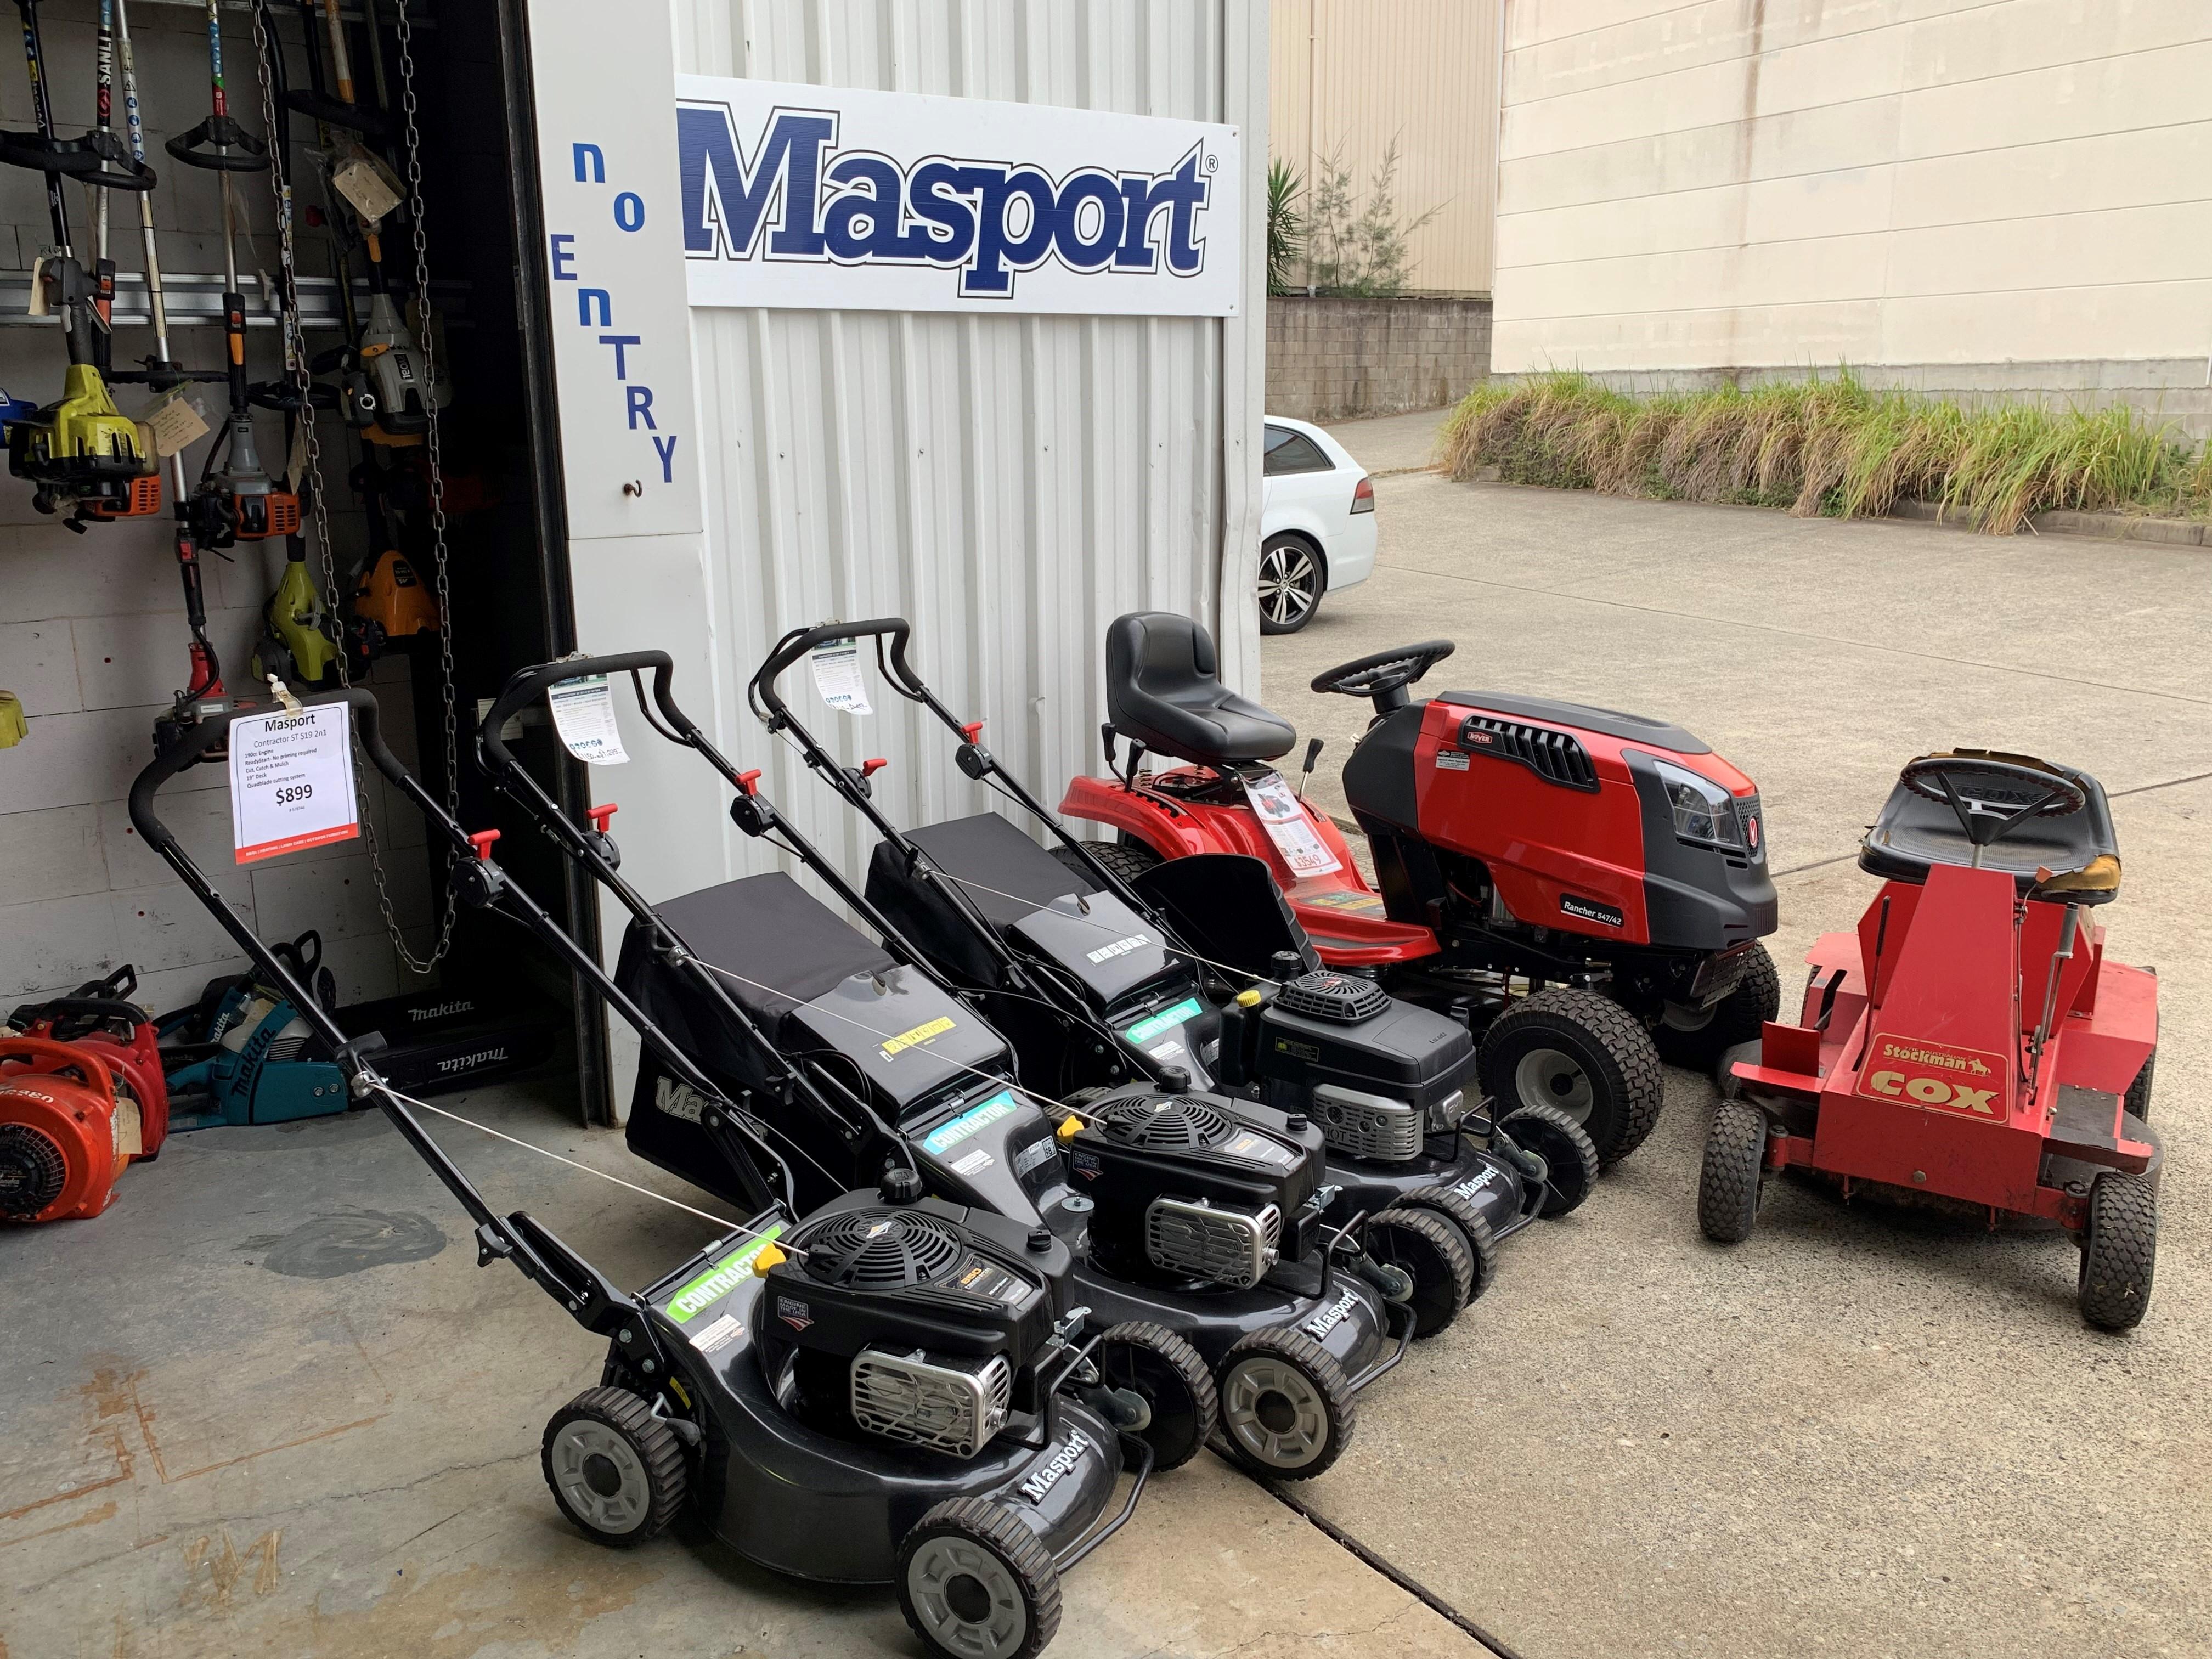 Edgeworth Mower Repair Centre - Lawn Mower Shops & Repairs